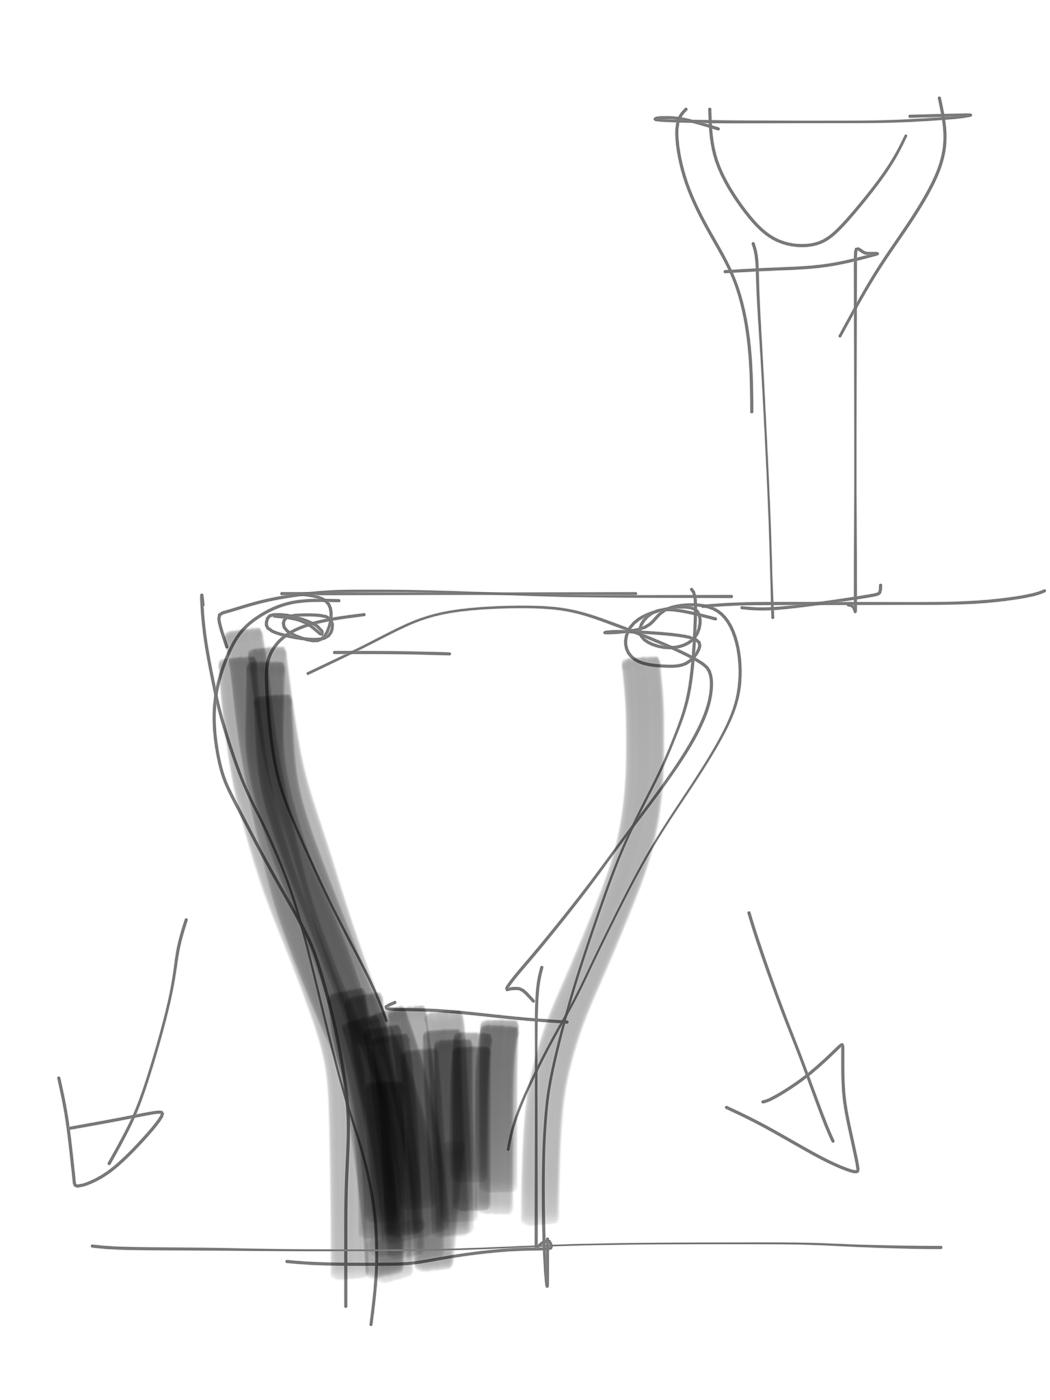 Sketch-488.jpg